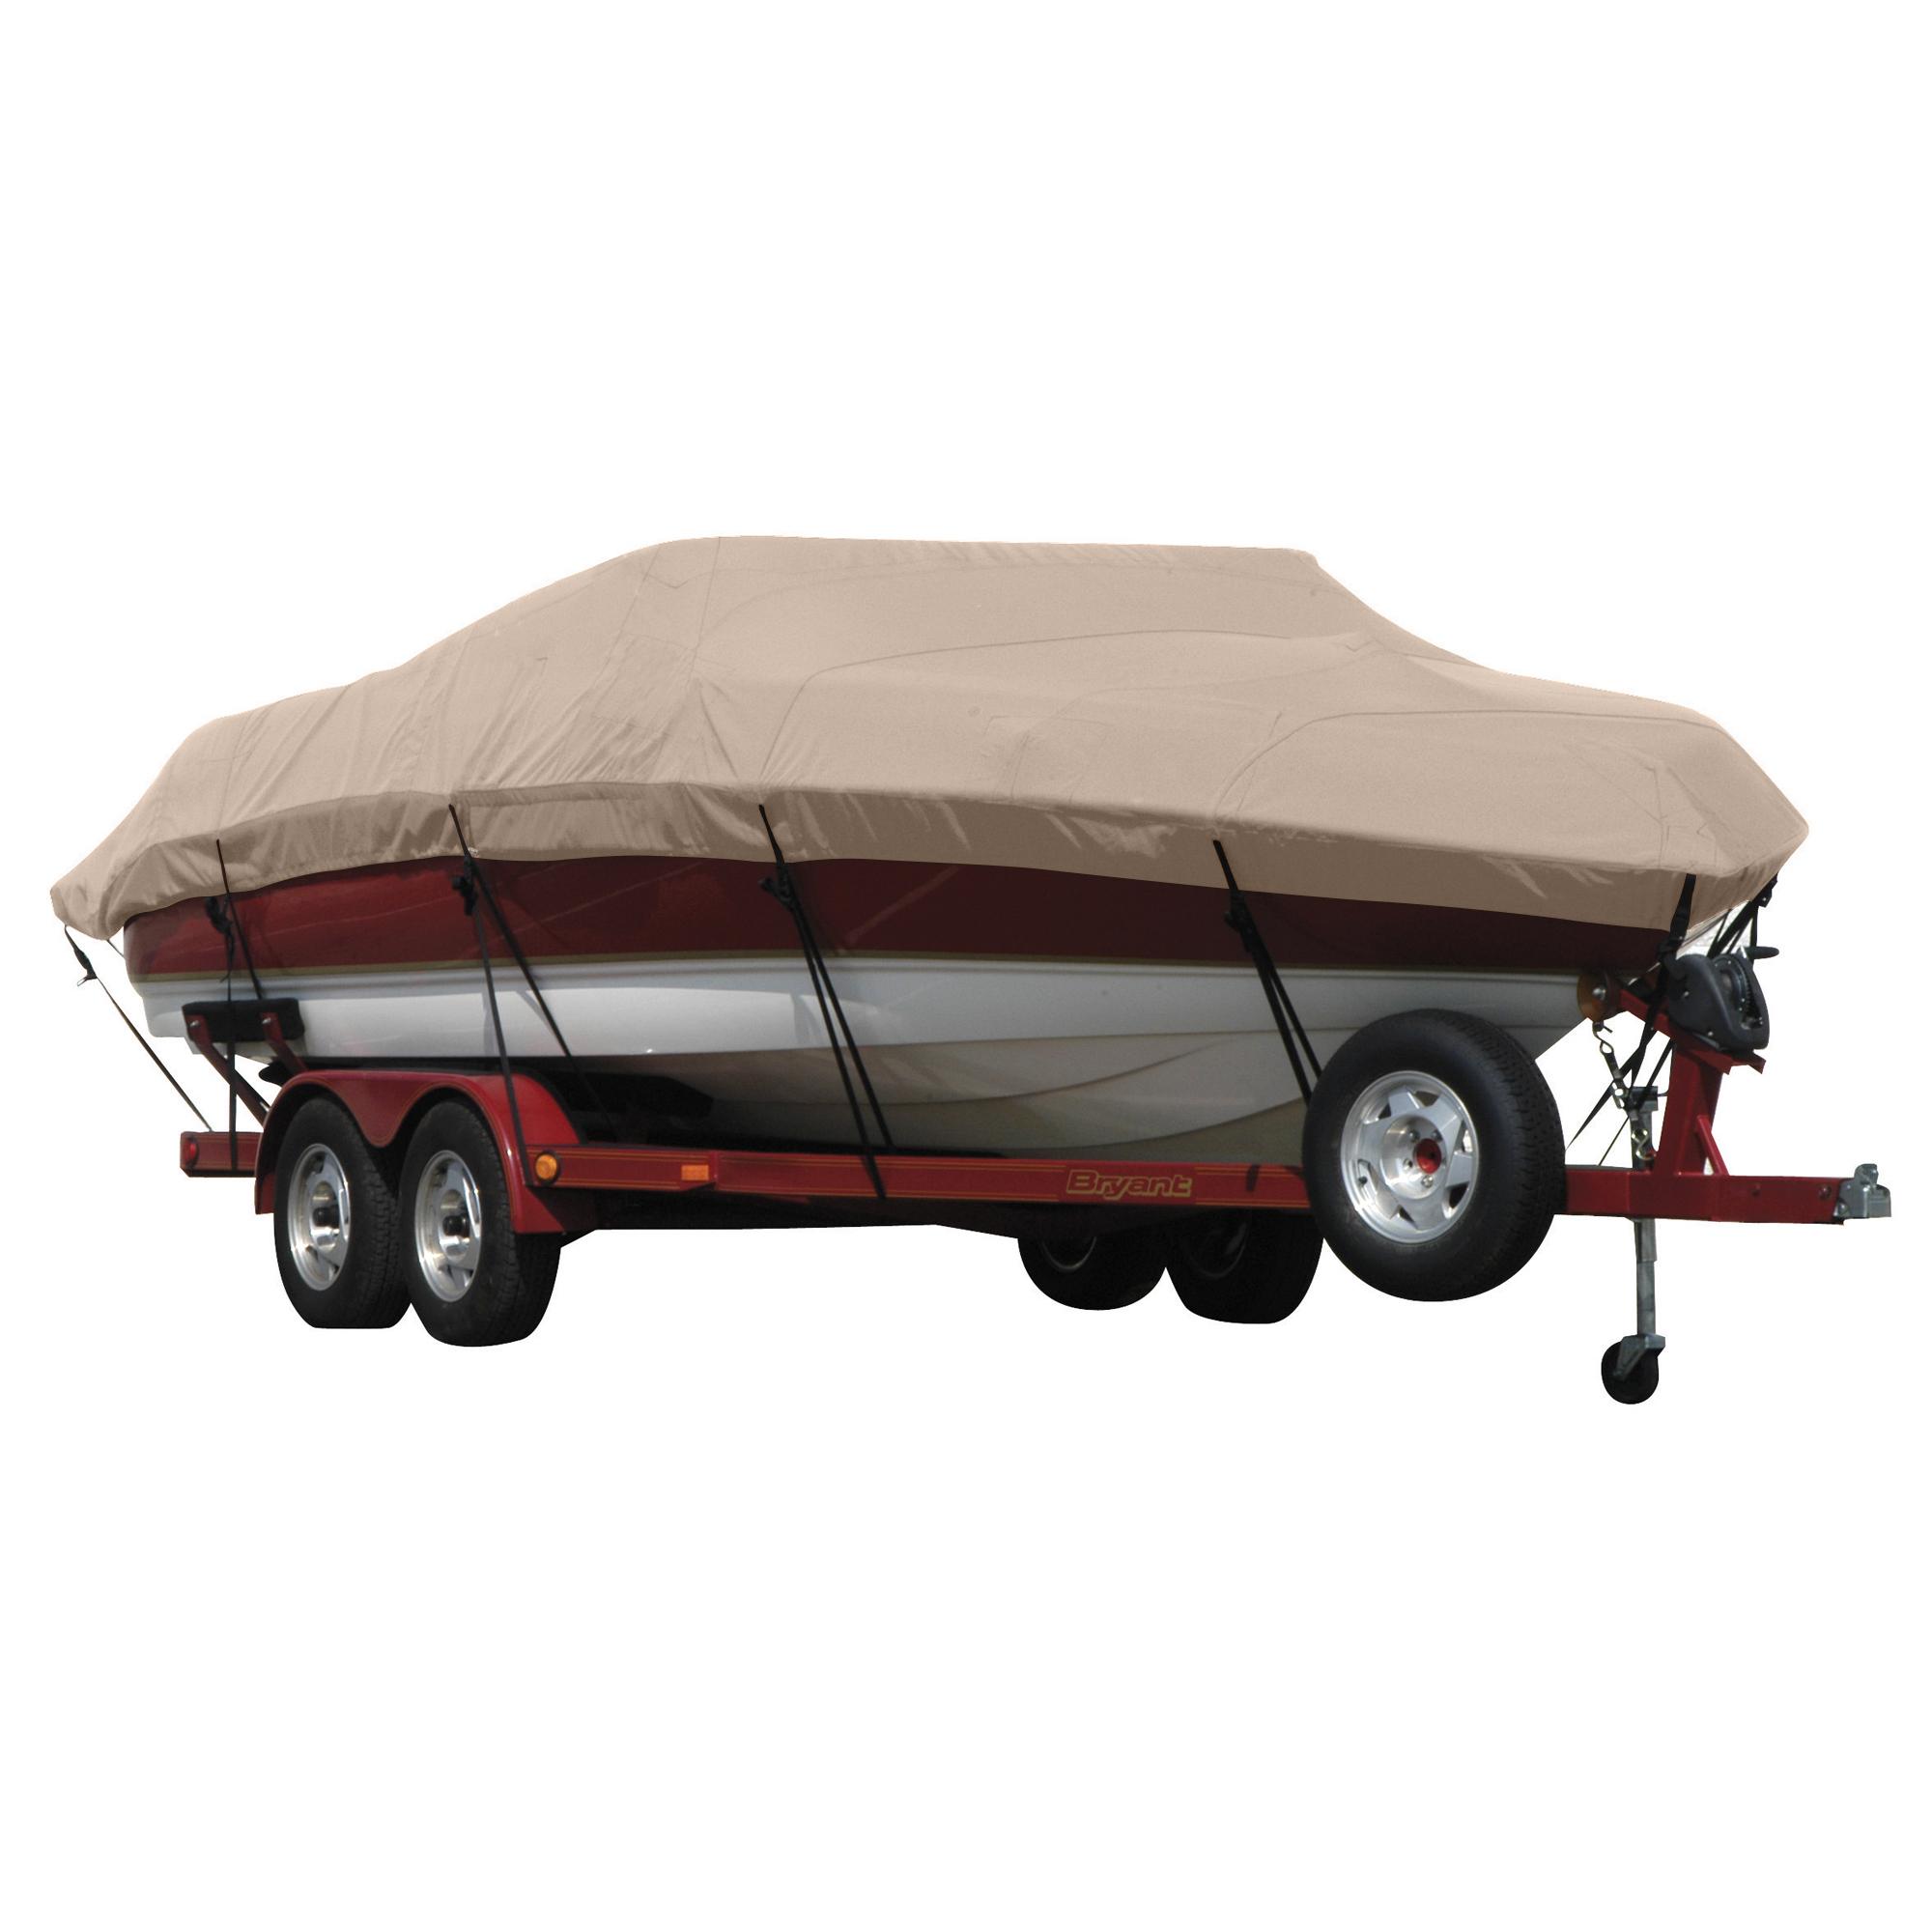 Exact Fit Covermate Sunbrella Boat Cover for Princecraft Super Pro 176 Super Pro 176 Fish N Promenade W/Ski Rope Guard O/B. Linnen